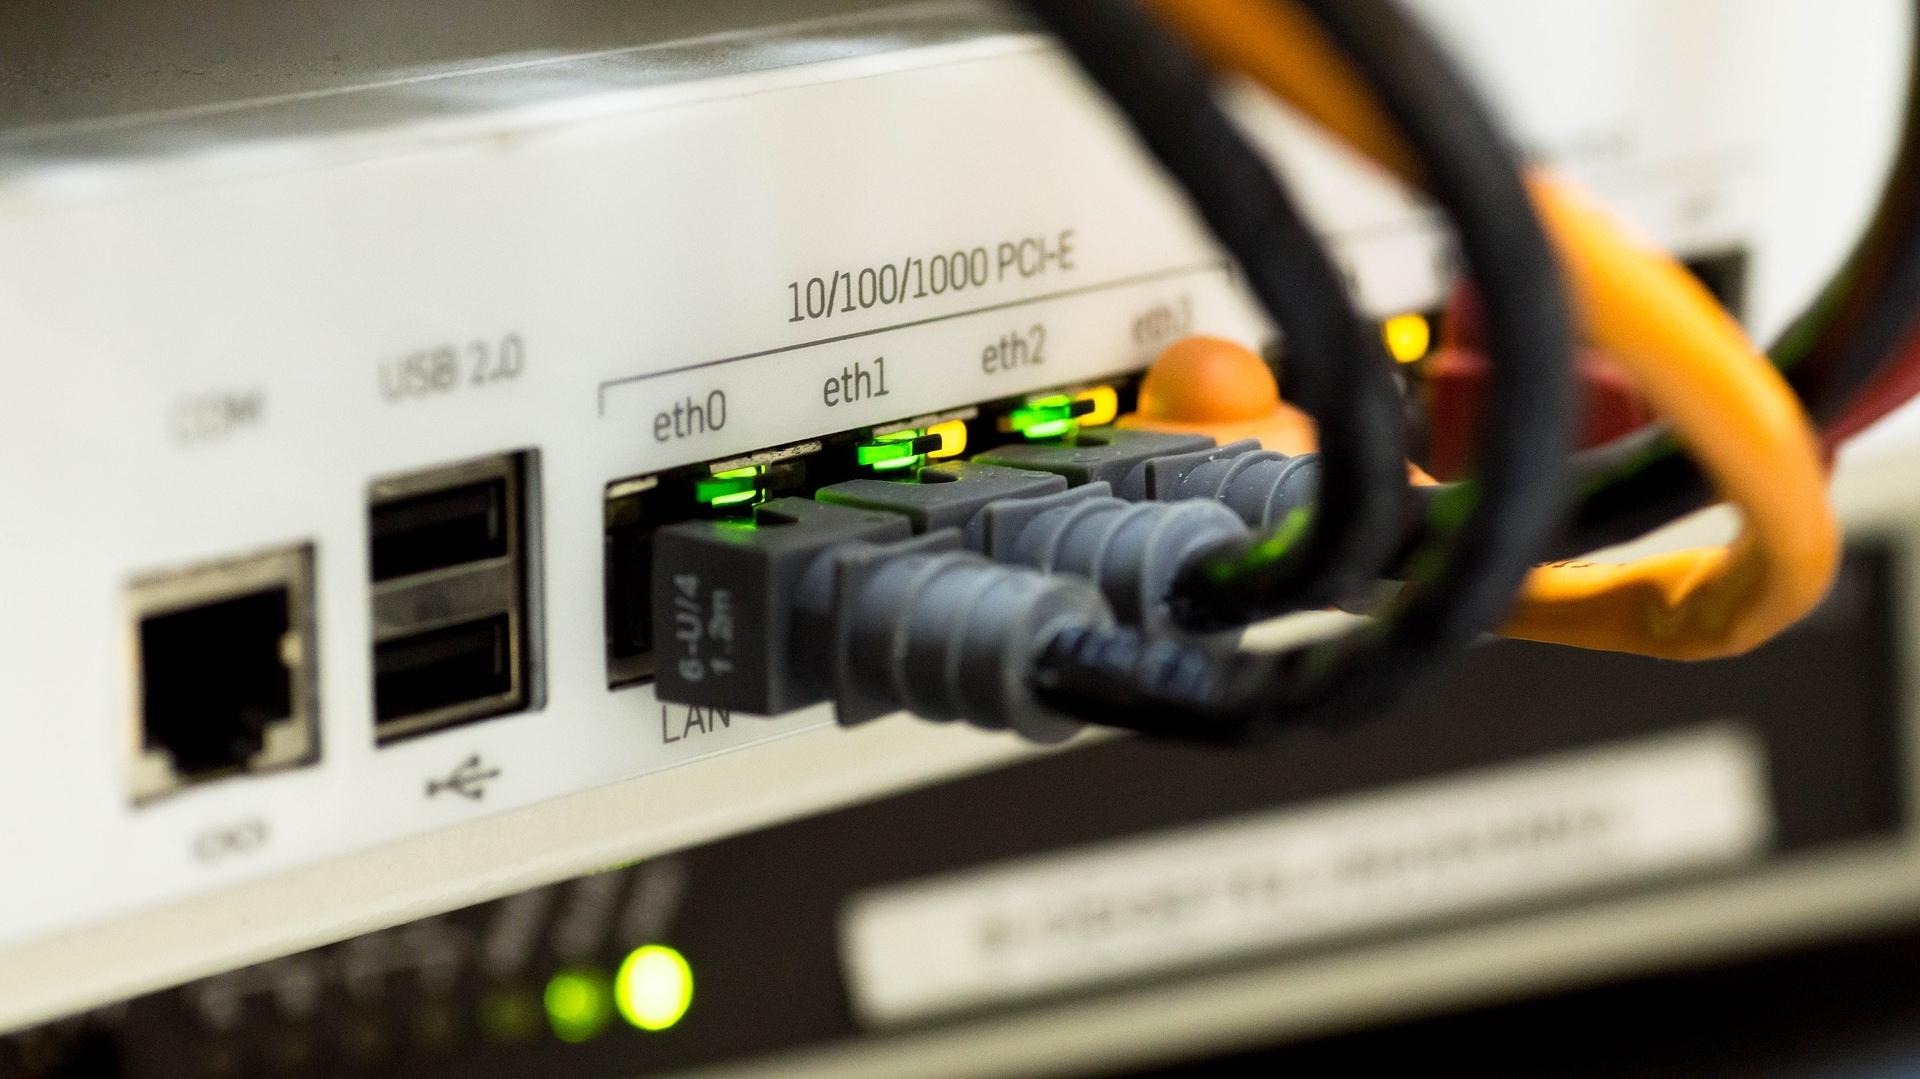 Installation et configuration de votre box internet